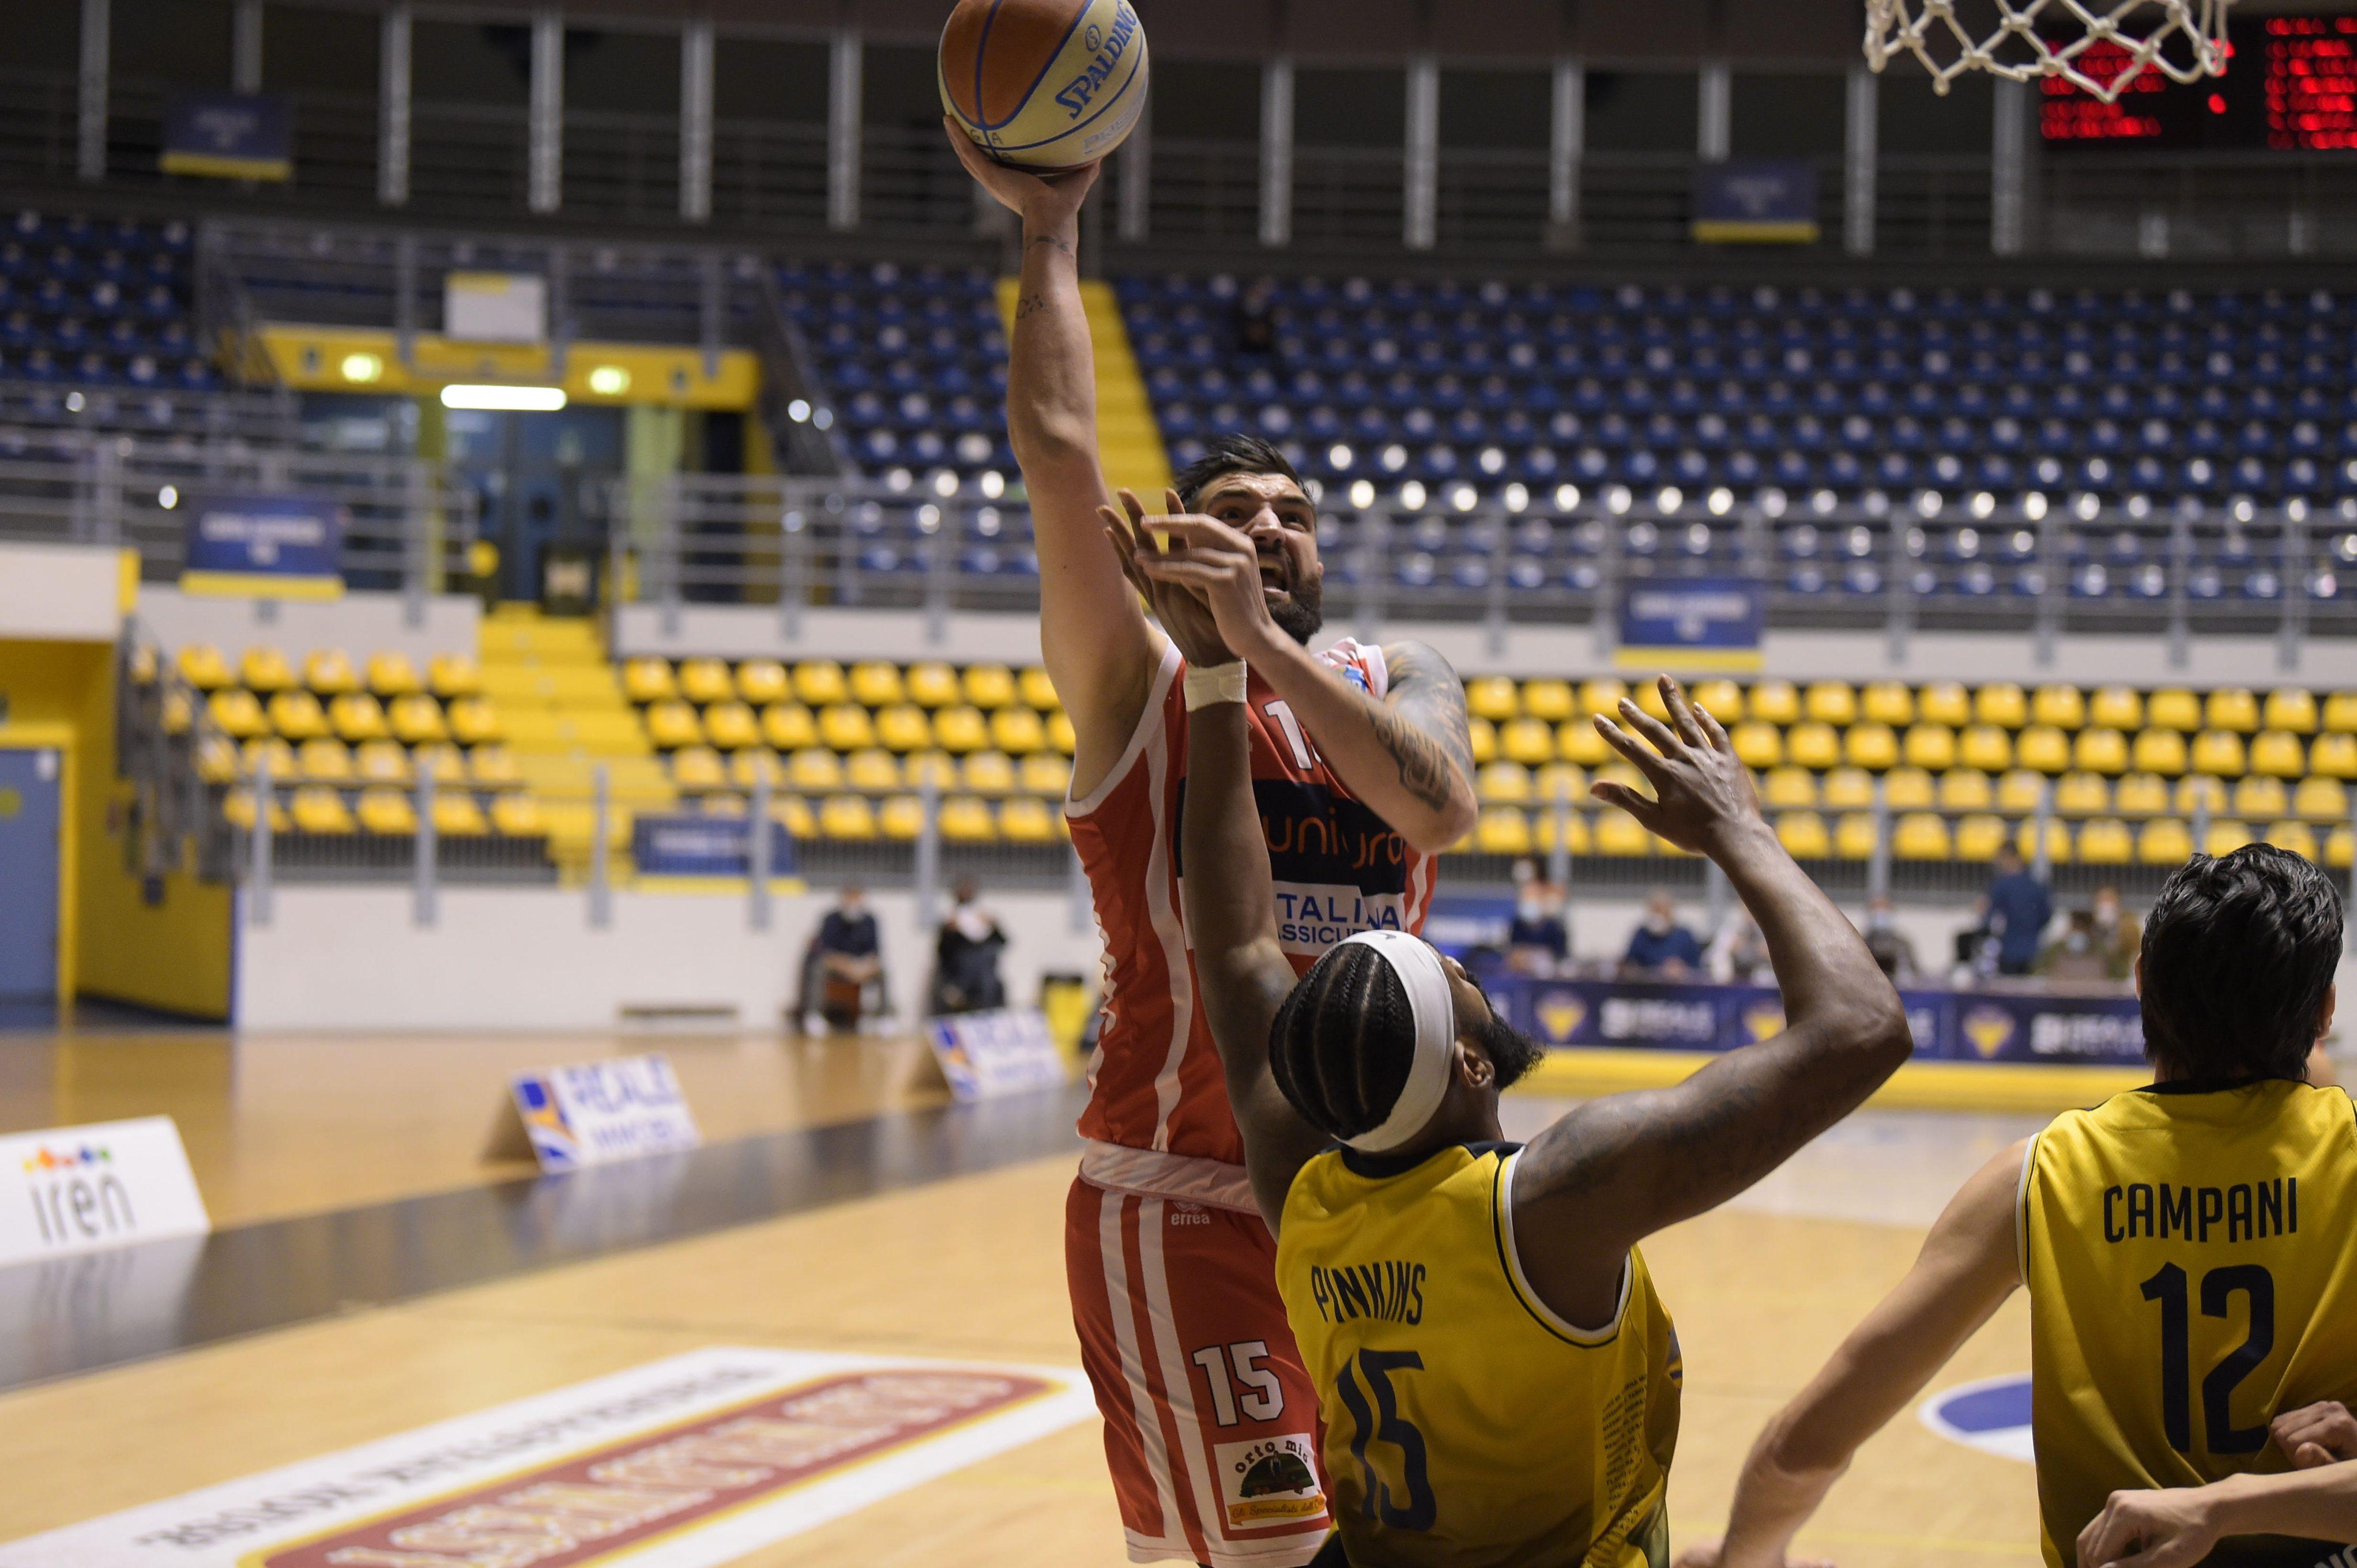 Basket-TORINO-UNIEURO